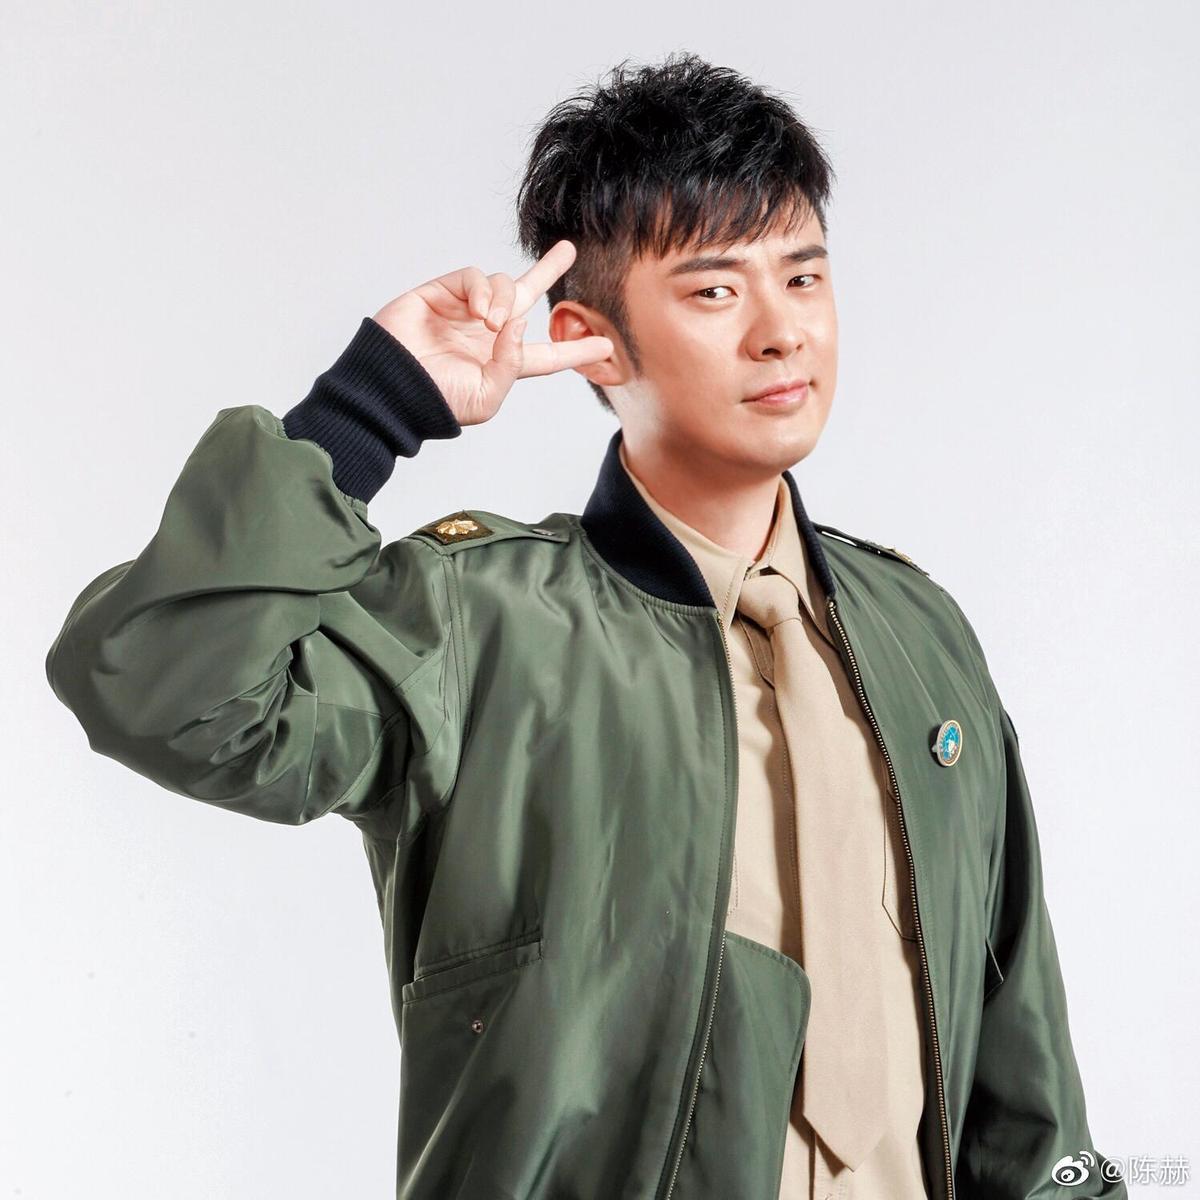 陳赫出道後被曝光陳凱歌是他表叔,而且遭疑是「靠叔」才進娛樂圈,但他表示到高中時才知兩人有親戚關係。(翻攝陳赫微博)